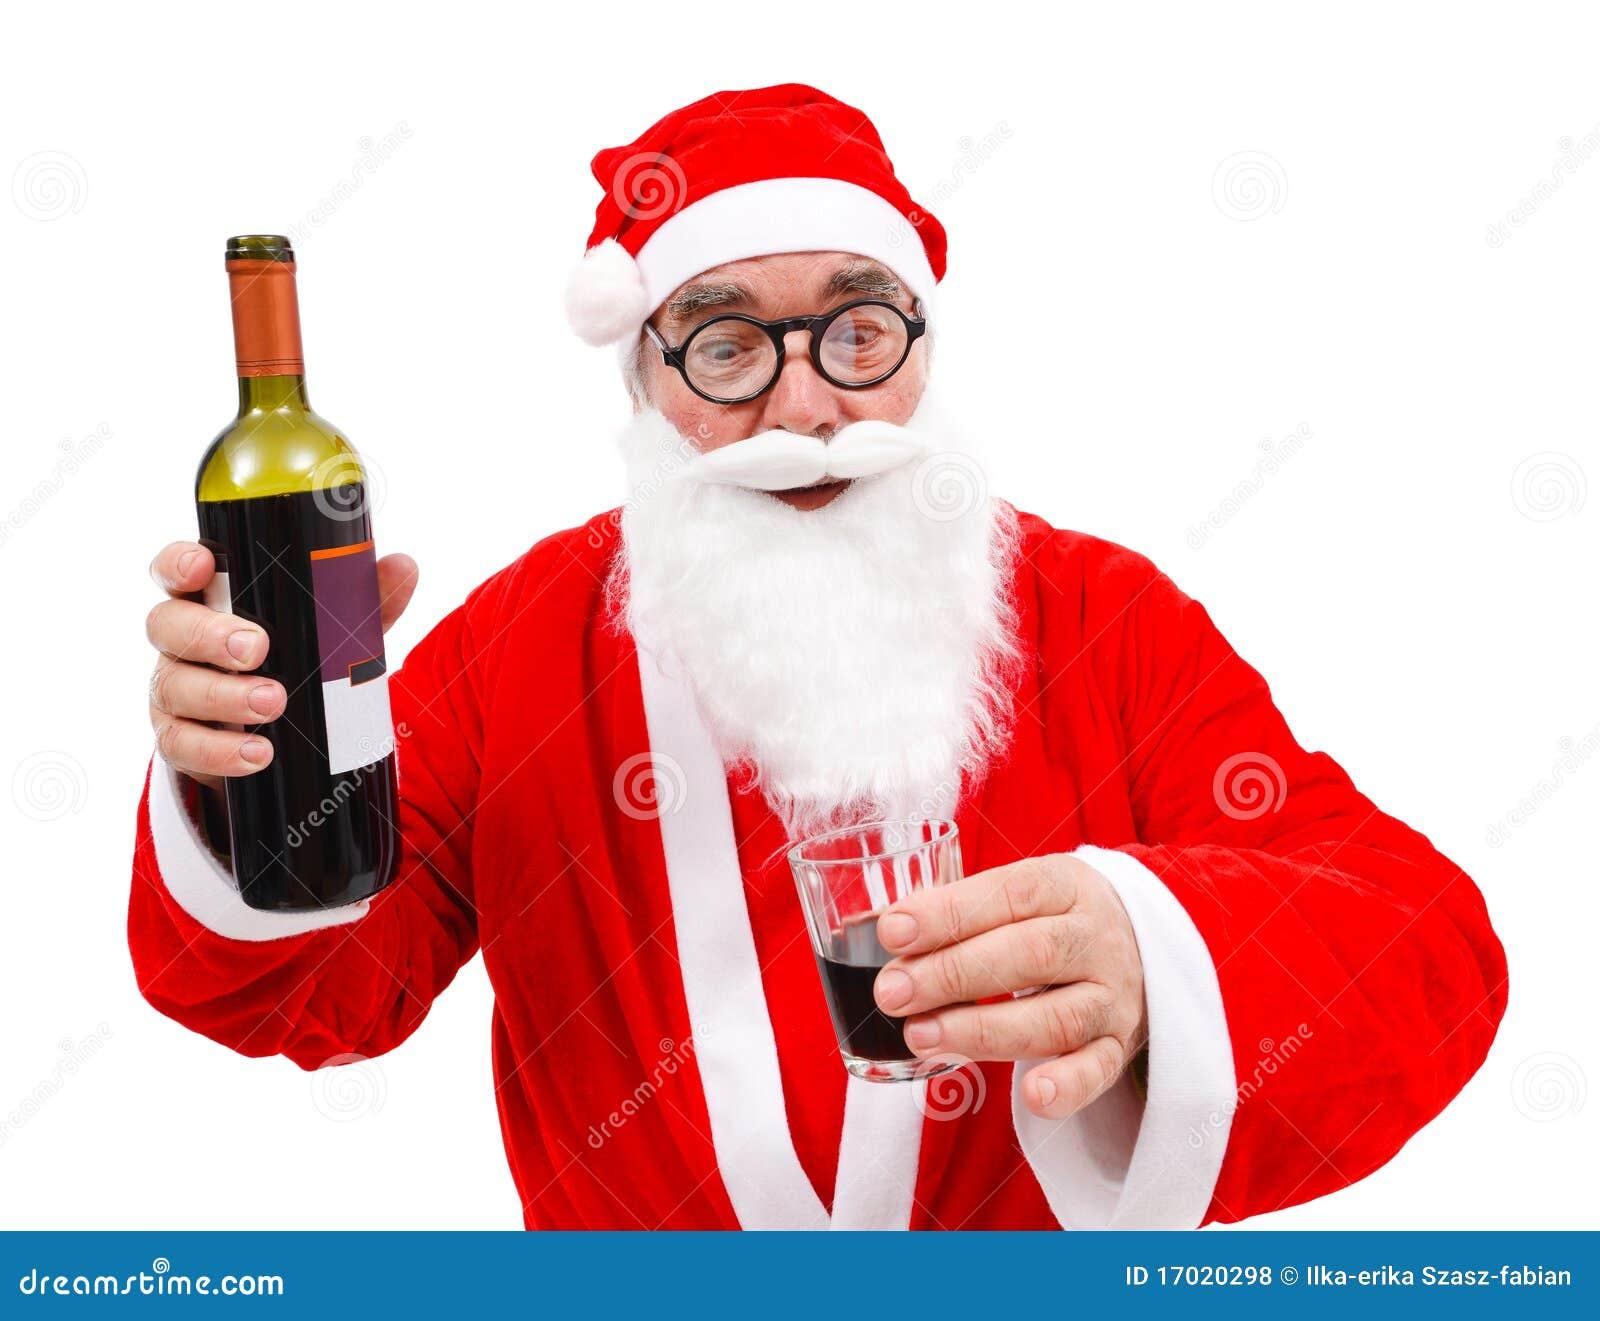 Weihnachtsgedicht betrunkener weihnachtsmann